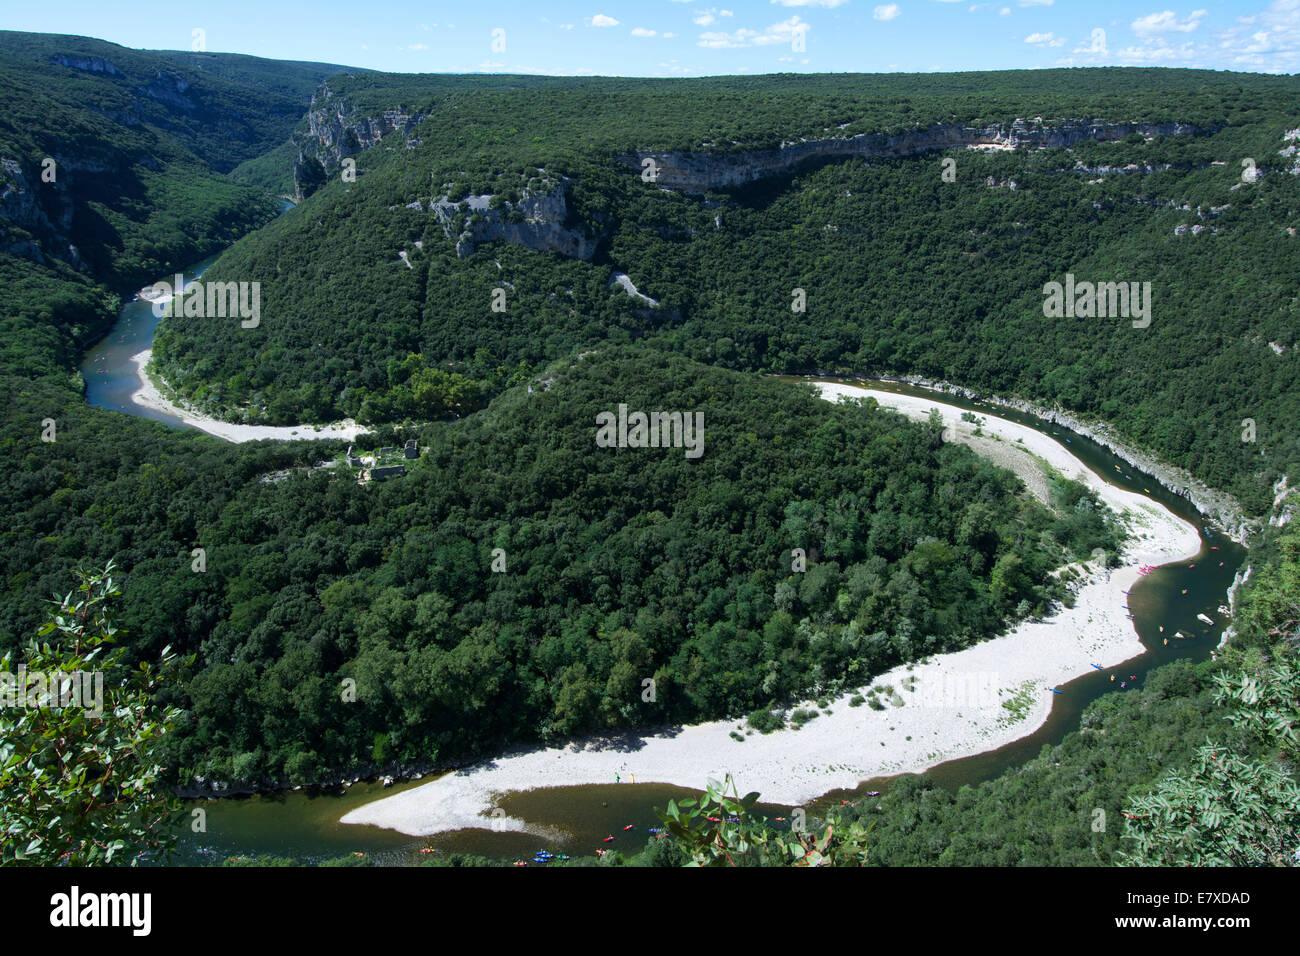 Meander, Gorges de l'Ardeche, Ardeche, Rhone-Alpes, France, Europe - Stock Image